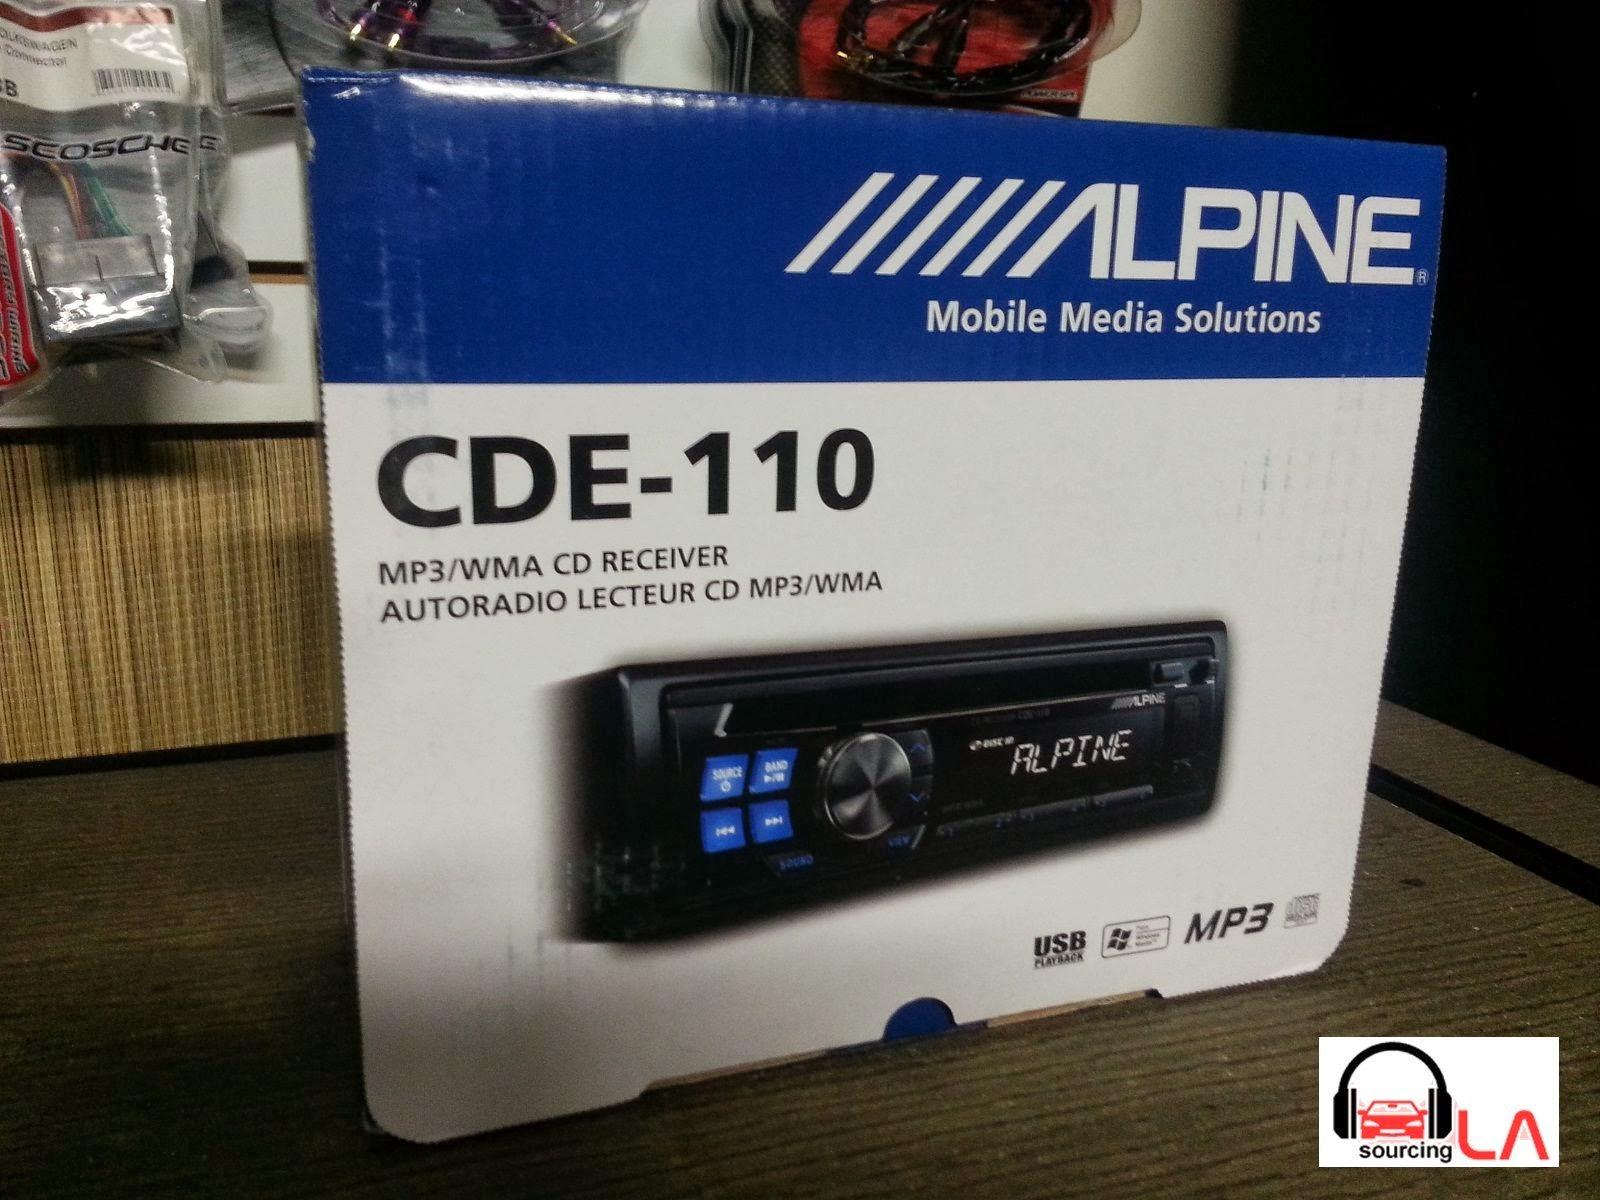 CDE-110